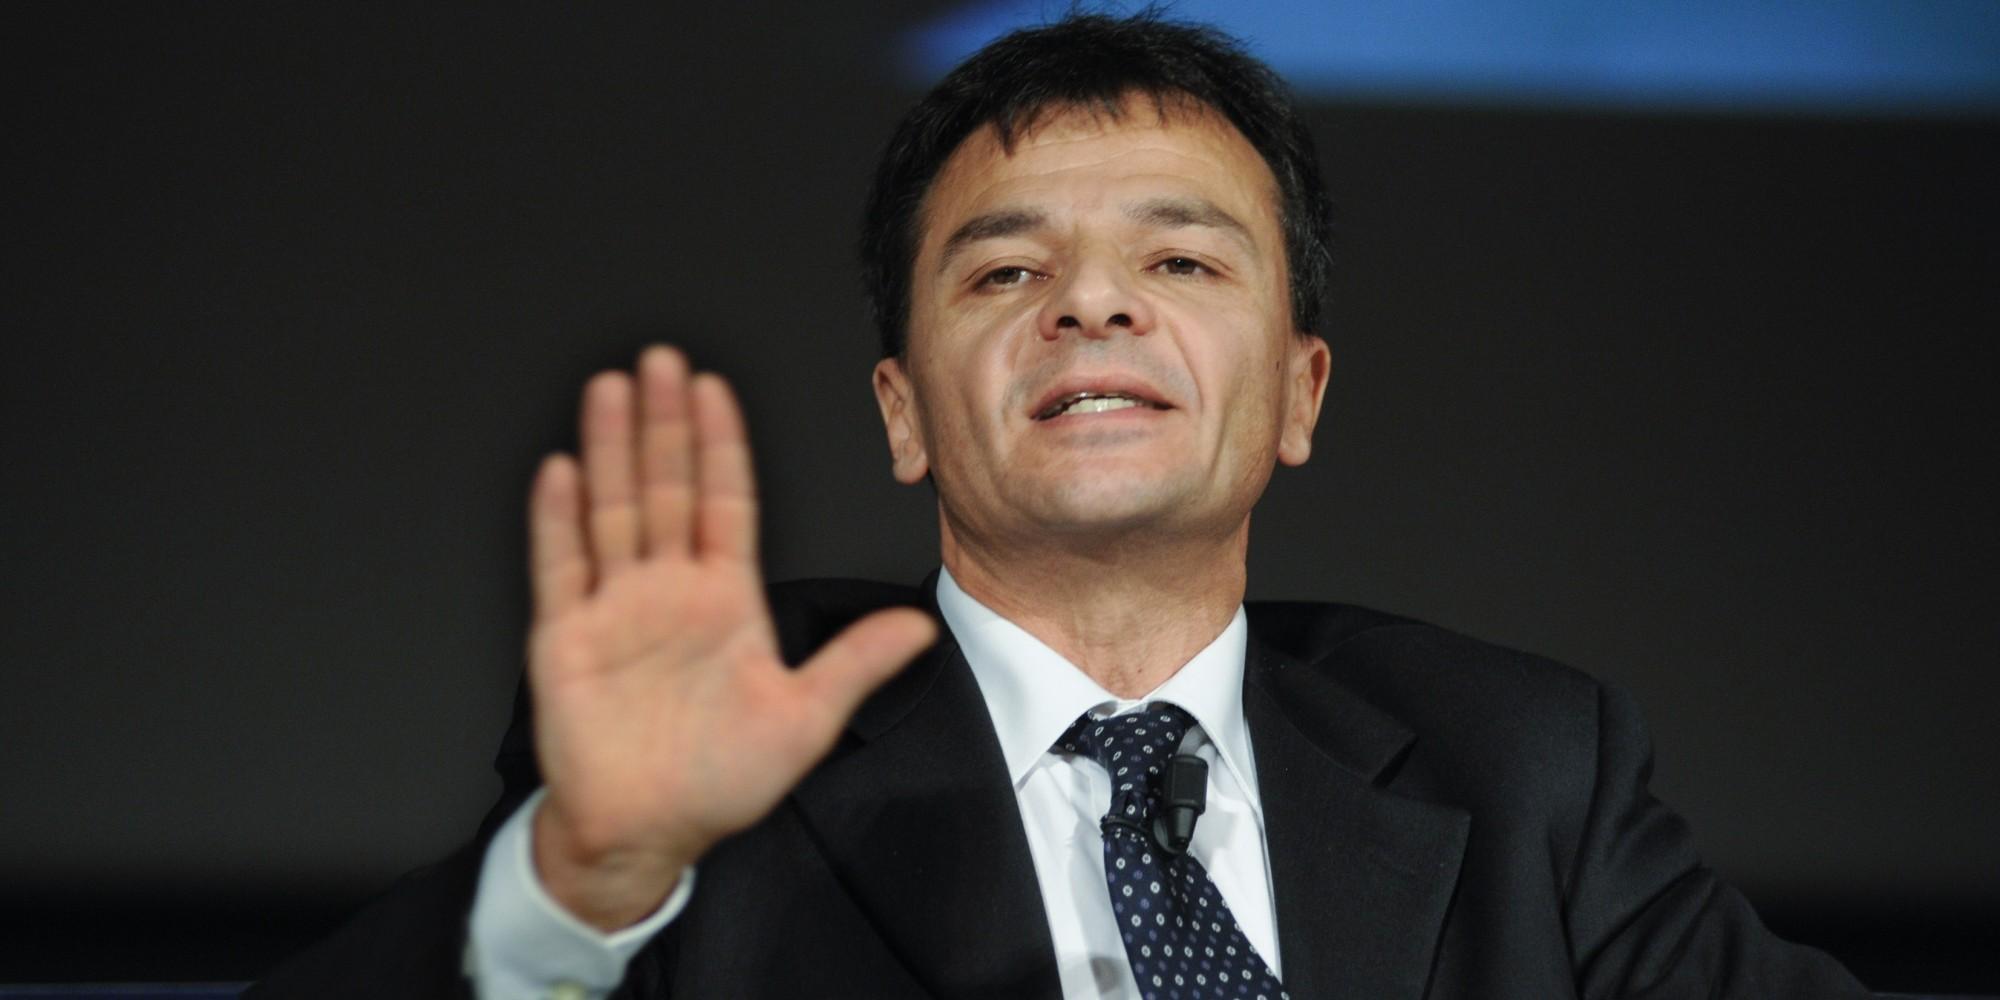 fassina, fassina elezioni roma, fassina ballottaggio roma